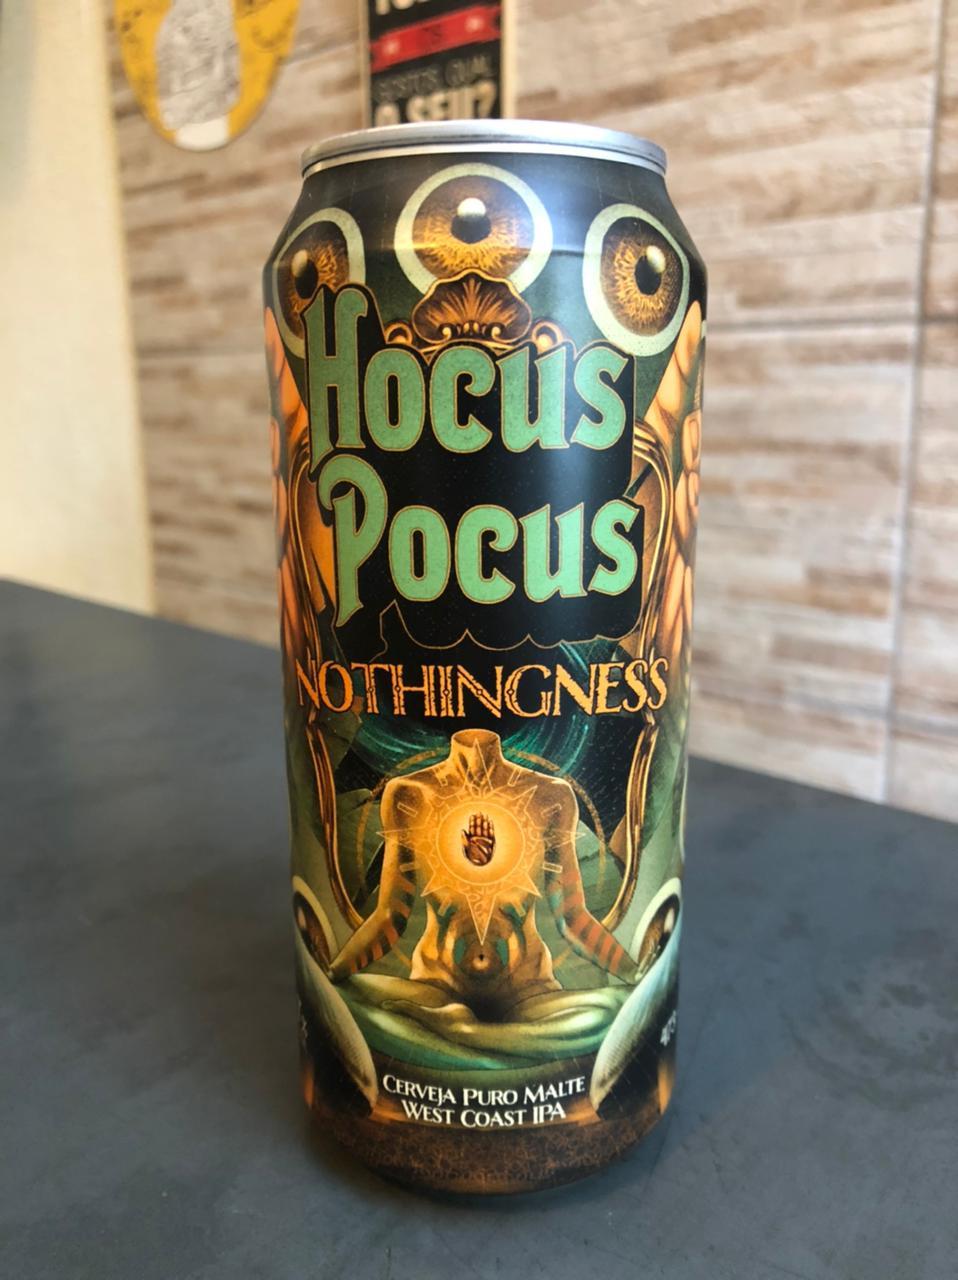 Hocus Pocus Nothingness Lata 473ml - West Coast IPA